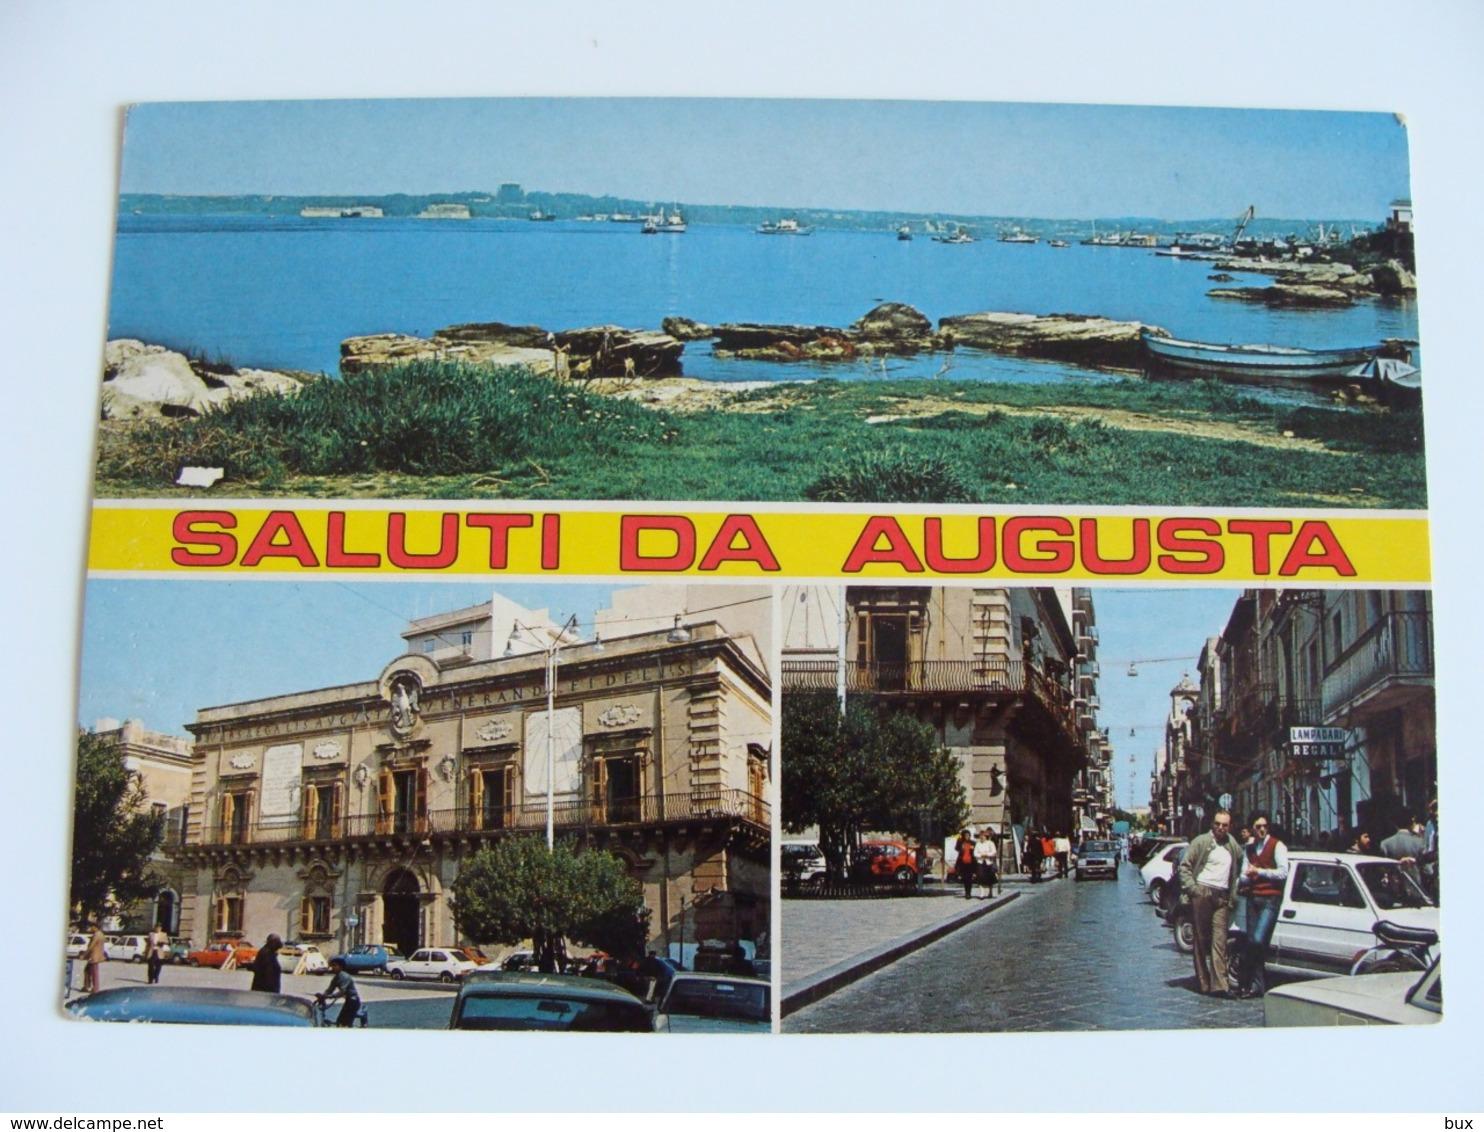 SALUTI  DA AUGUSTA (SR)  SIRACUSA   SICILIA  NON  VIAGGIATA CONDIZIONI FOTO - Siracusa